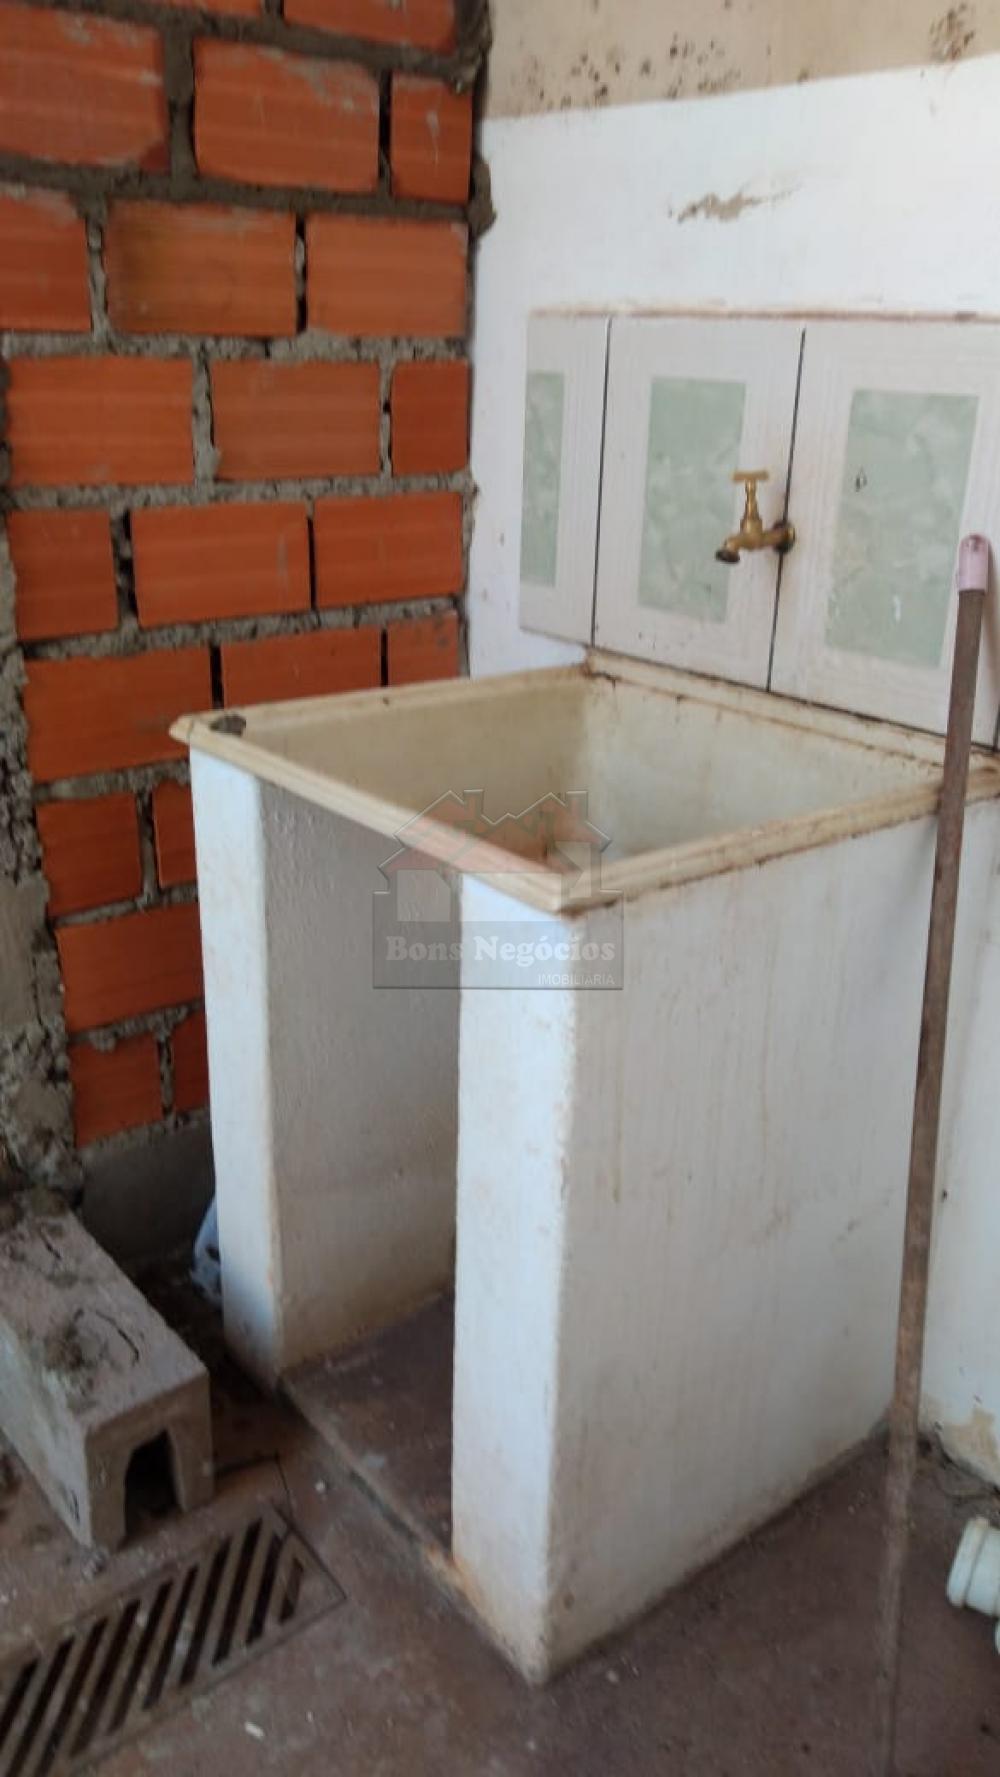 Alugar Casa / Padrão em Ribeirão Preto apenas R$ 600,00 - Foto 12